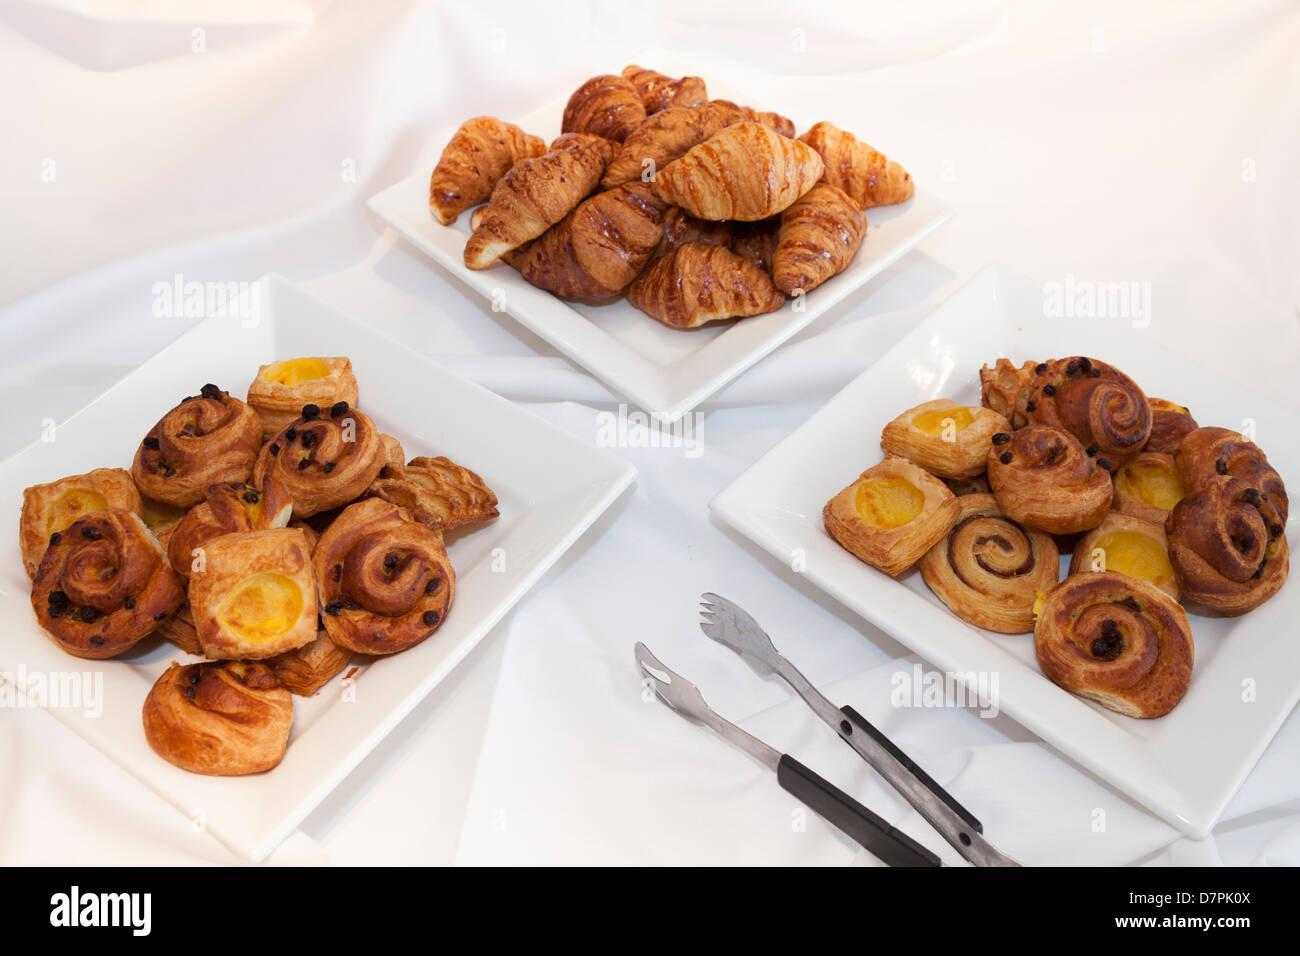 Croissants und dänische Gebäck auf einem Hotel Frühstückstisch mit Gabel serviert Stockbild